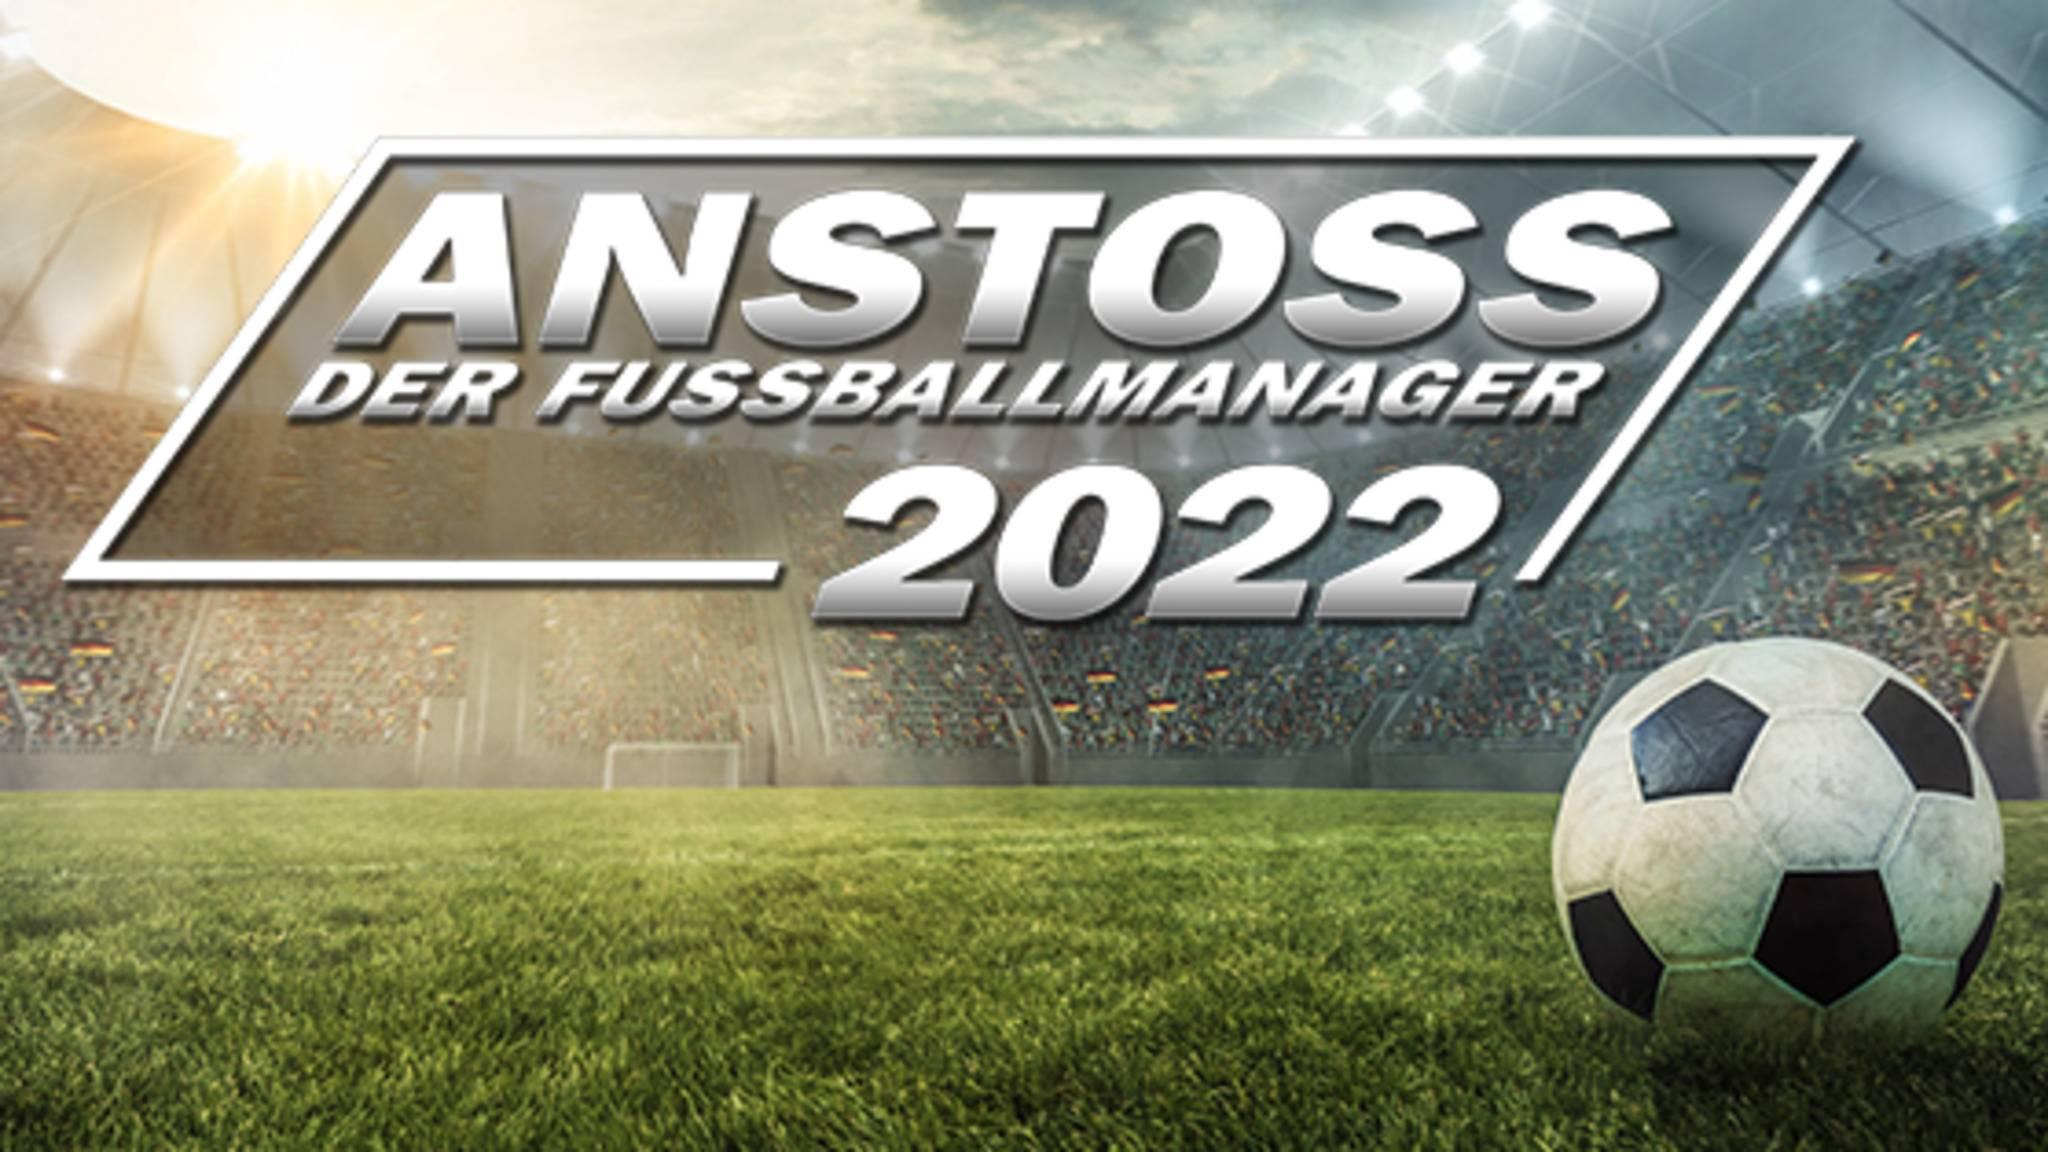 anstoss-2022-titelbild